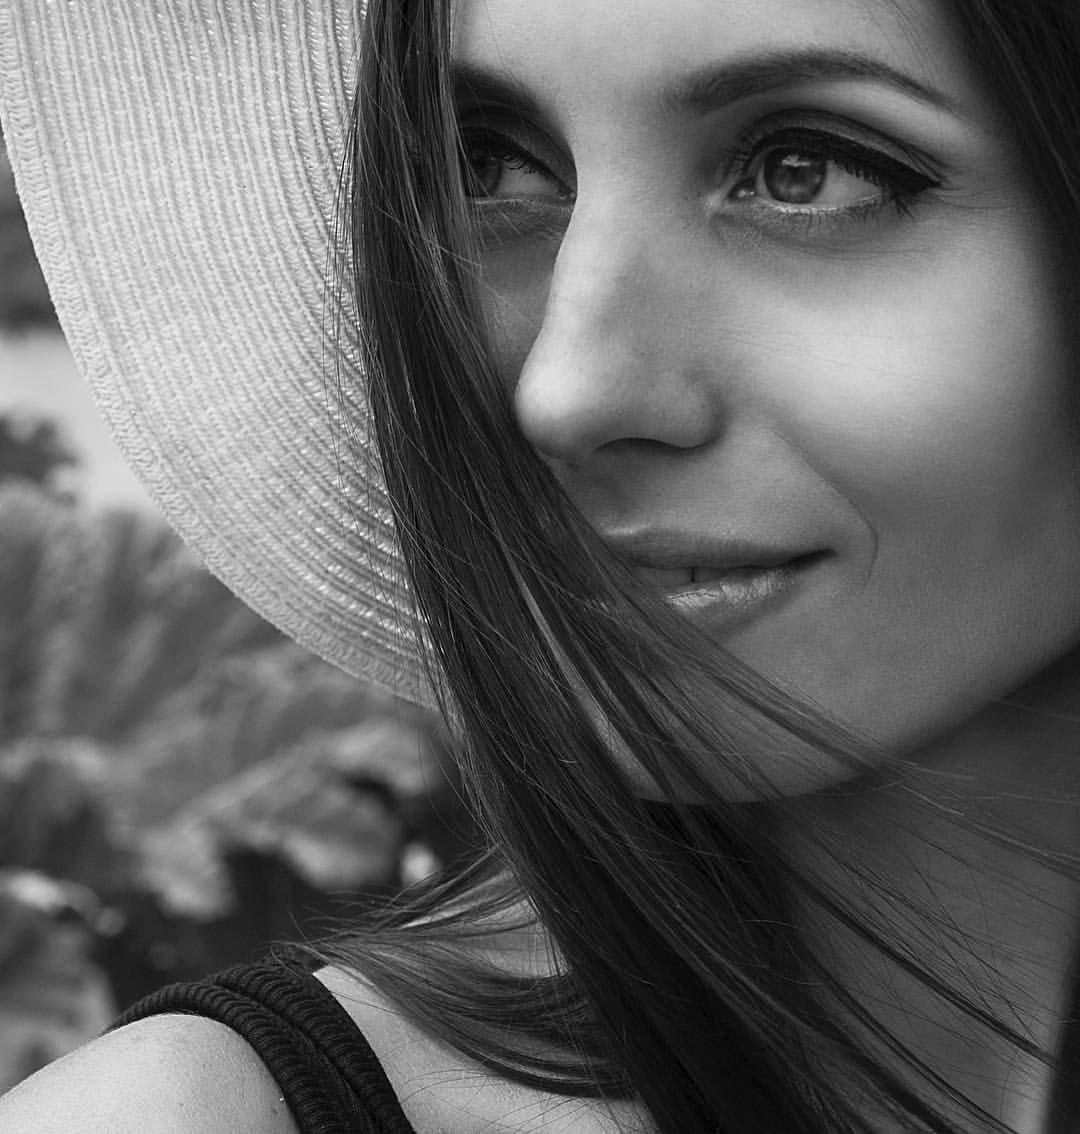 K a t e🗝F i l i p p o v a в Instagram: «Das Foto ist so sommerlich für mich, trotzdem ist das in schwarz-weiß ☀️ #münchen #photographer #deutschland #photo #portrait #schwarzweissfotografie #blackwhitephotography #bw #blackandwhitephoto»